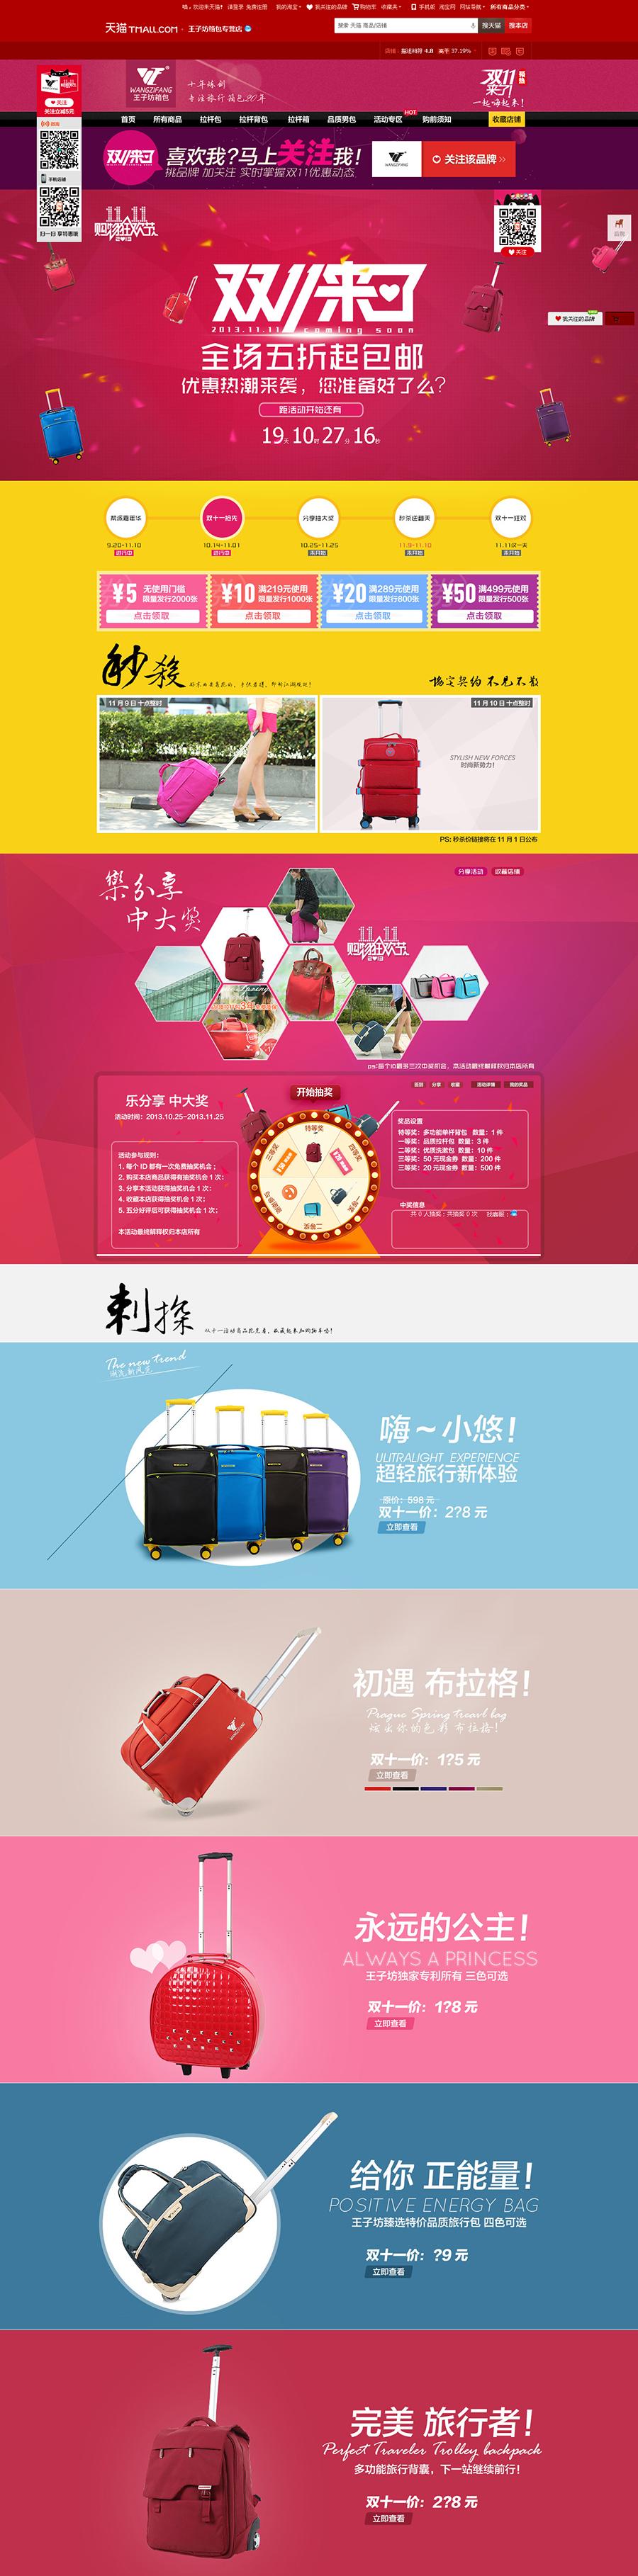 旅行箱包天猫店双十一活动页面海报类作品部分|电子